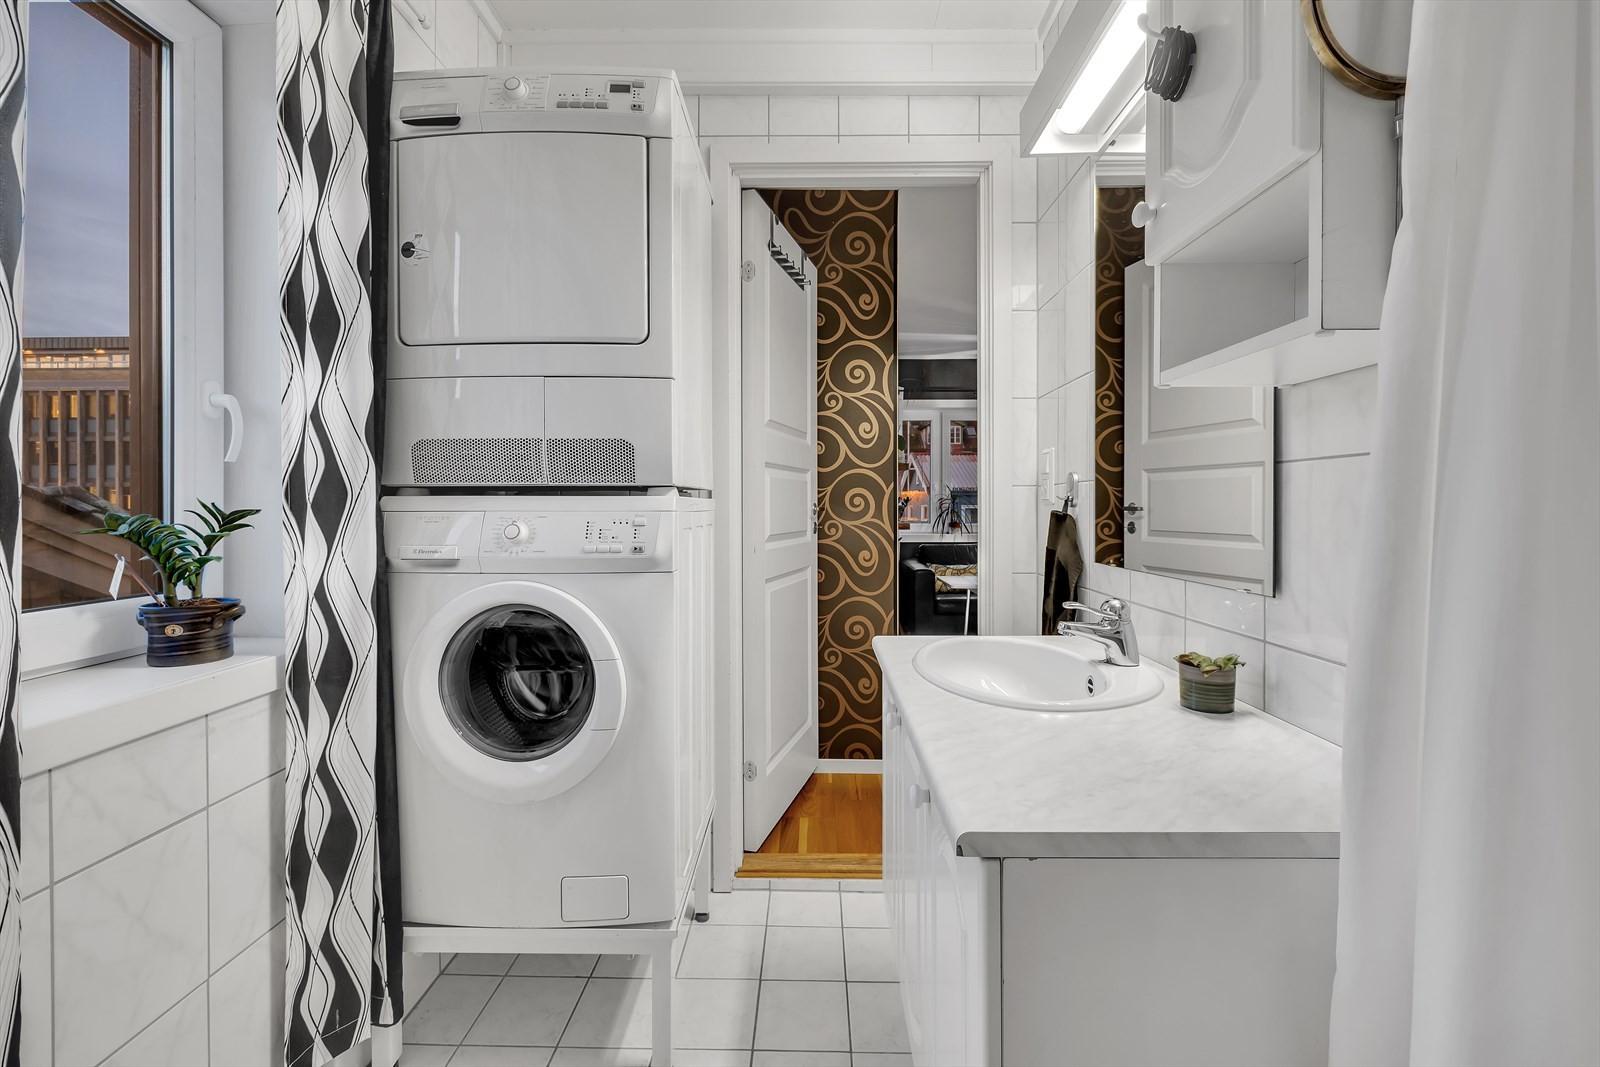 Flislagt bad - plass til vaskemaskin og tørketrommel.